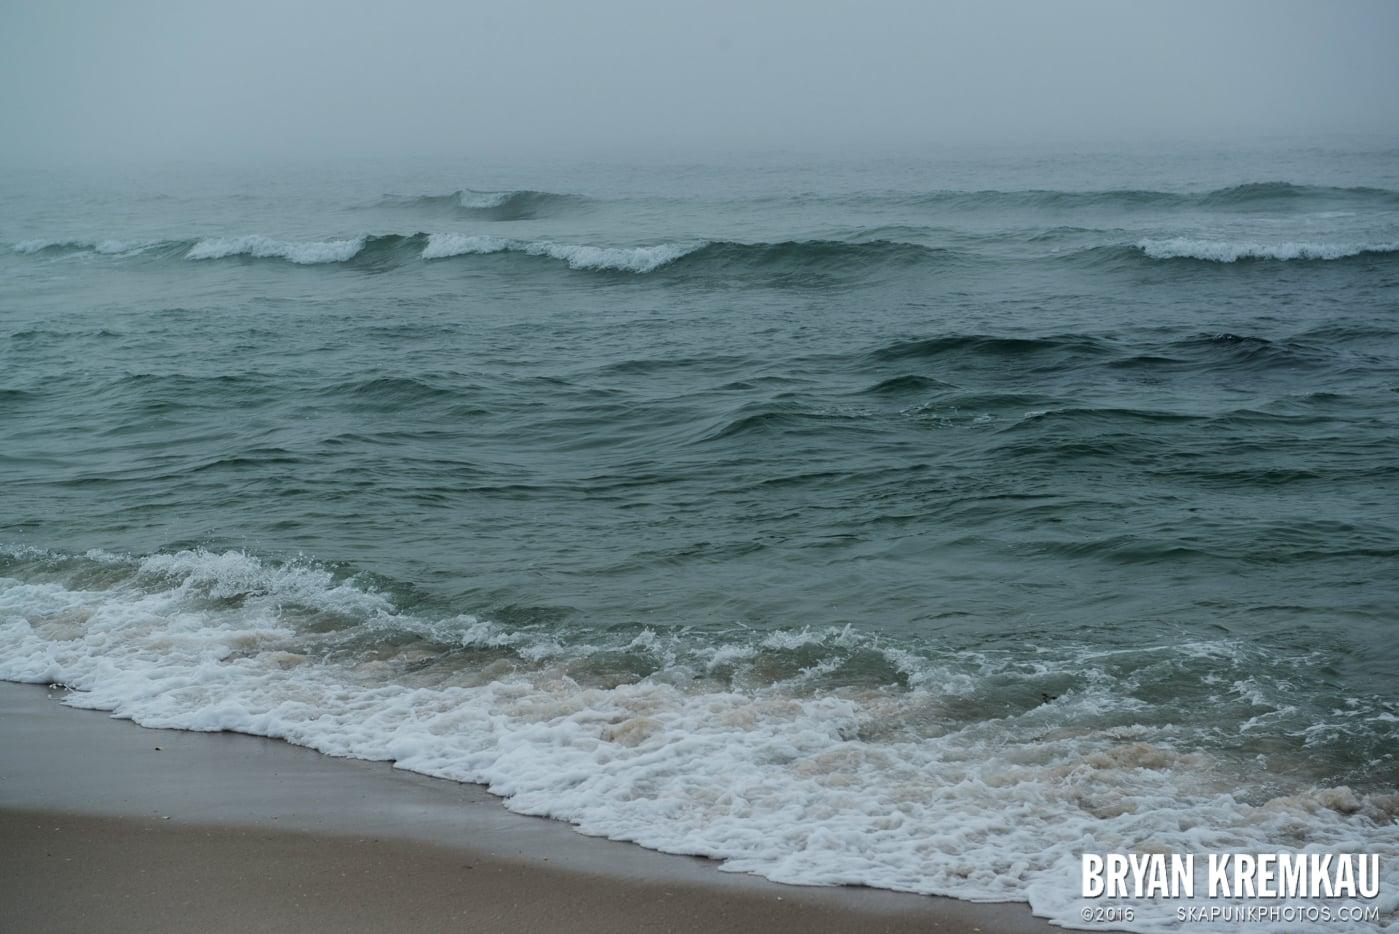 Beach Haven, Long Beach Island, NJ - 6.16.14 - 6.18.14 (64)